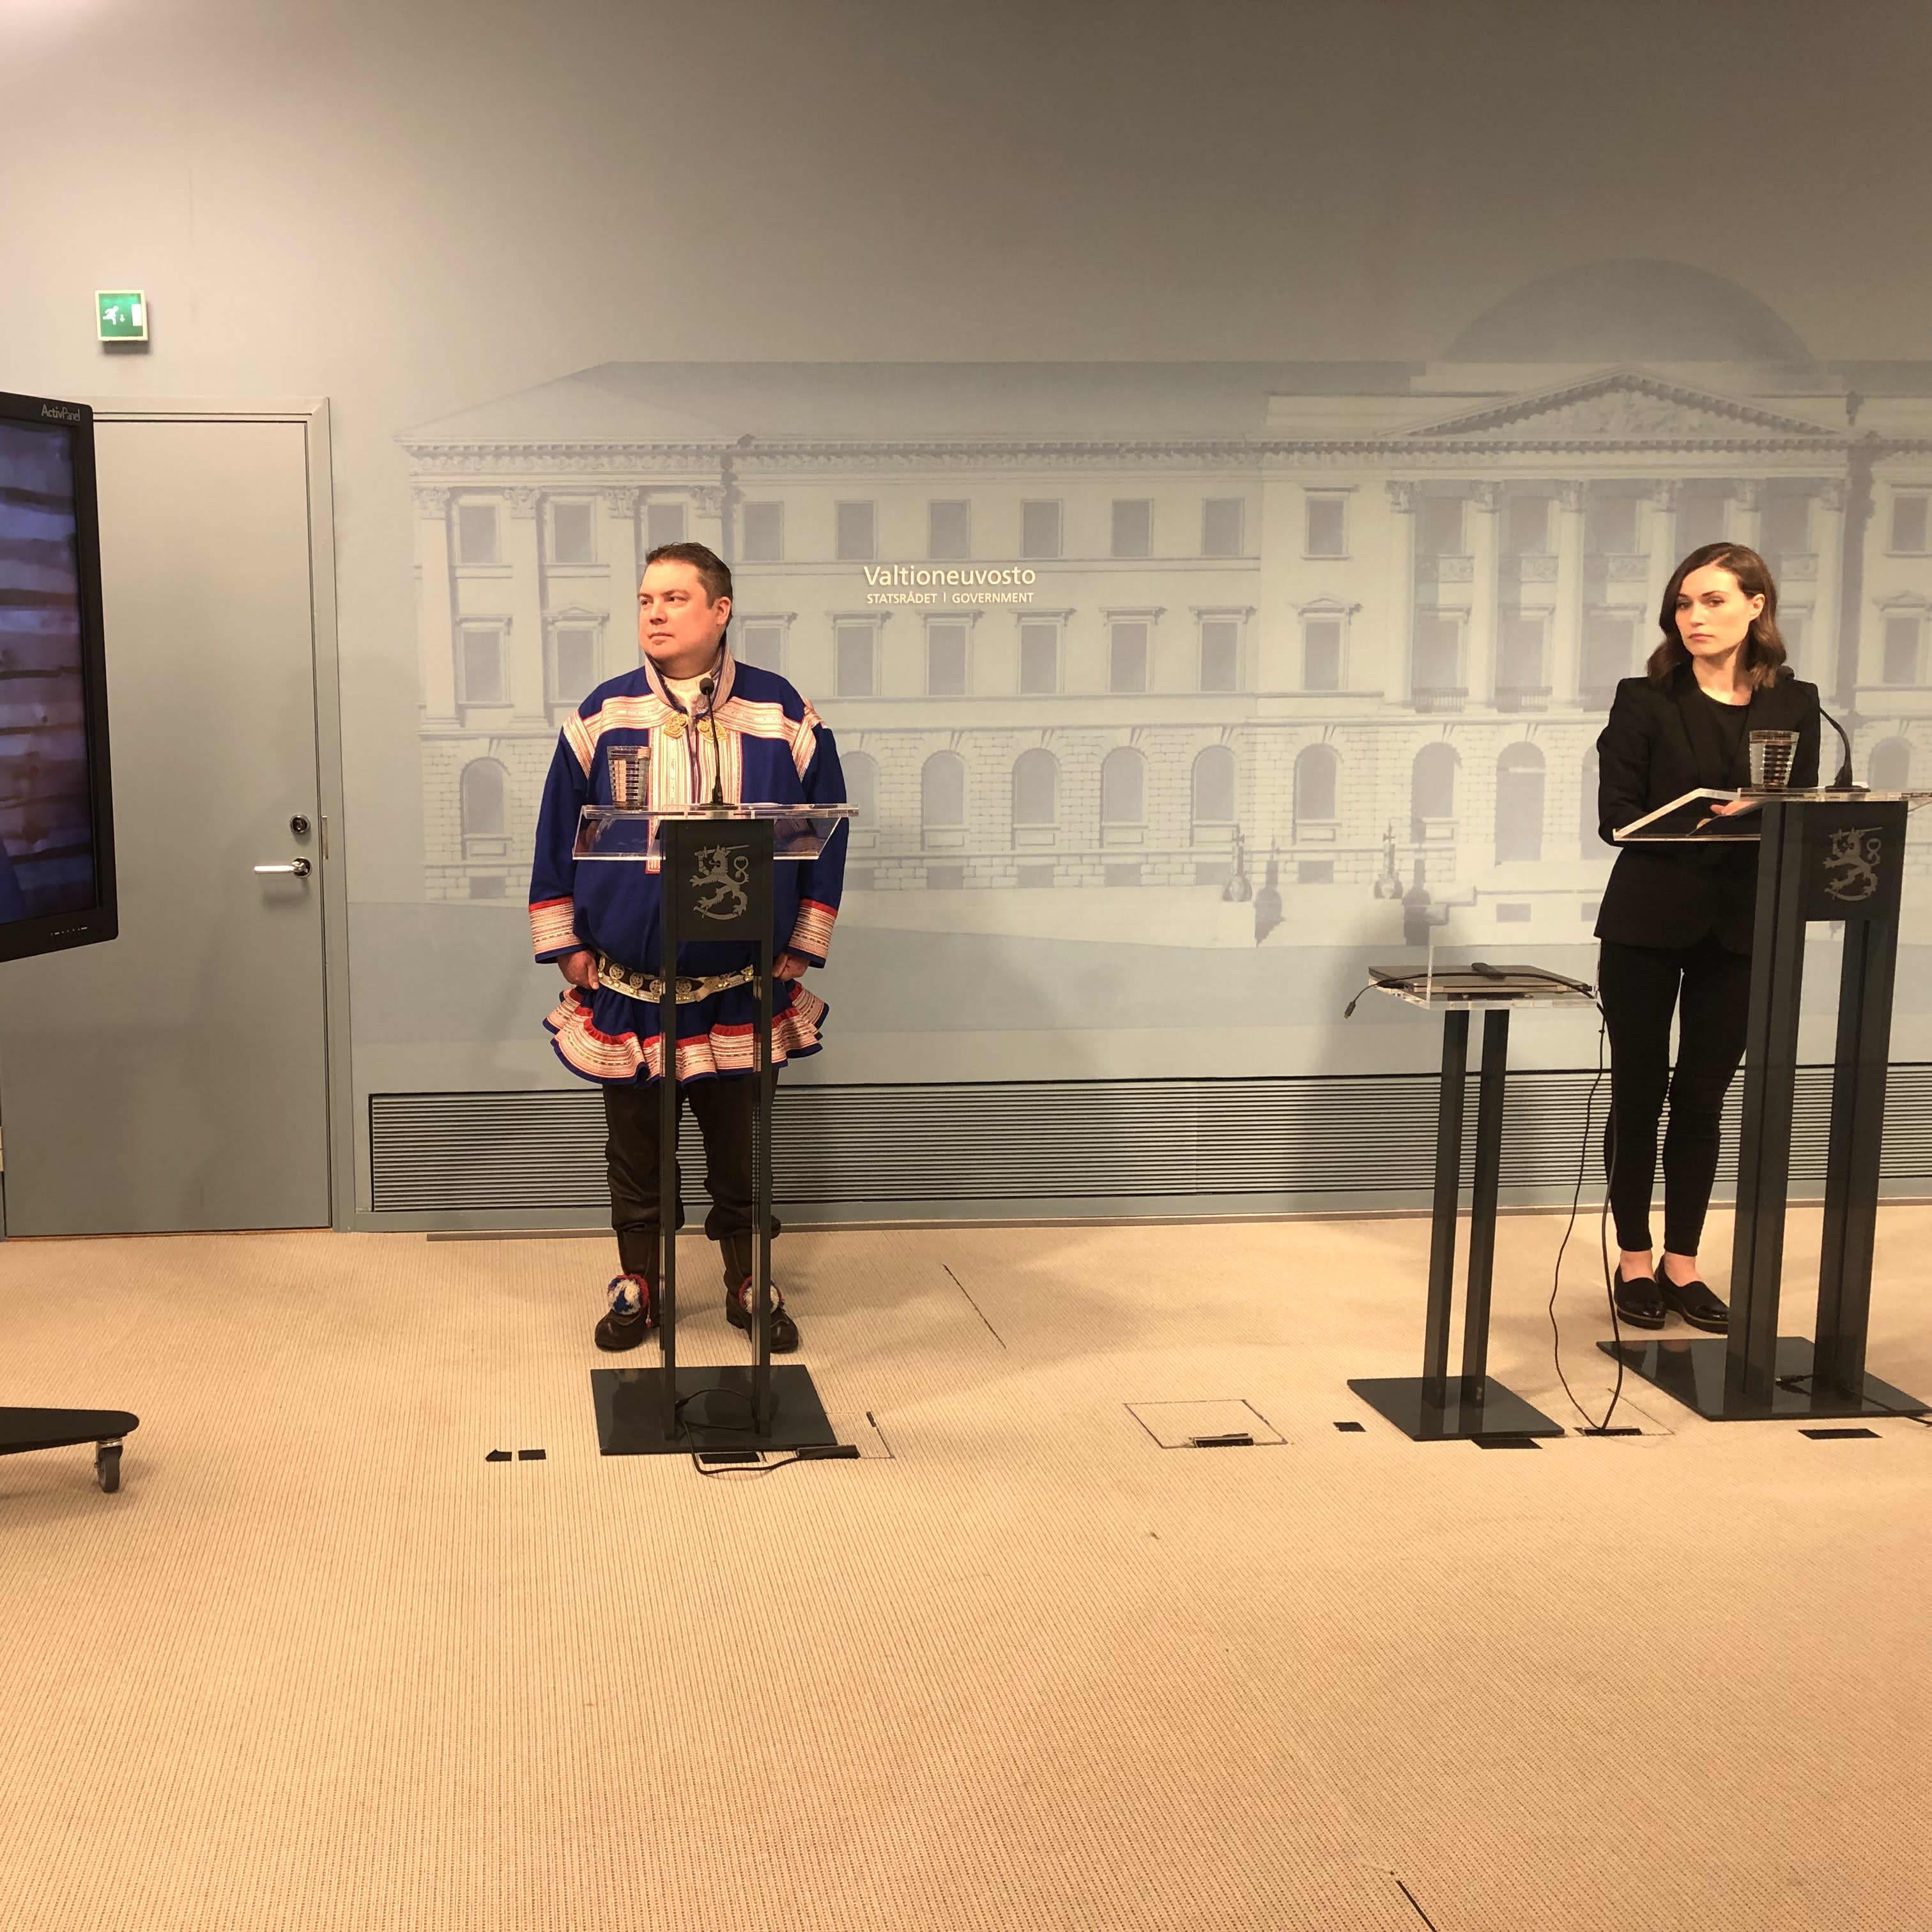 Valtioneuvoston tiedotustilaisuudessa ruudulla näkyy kolttien luottamusmies Veikko Feodoroff. Paikalla ovat Saamelaiskäräjien puheenjohtaja Tuomas Aslak Juuso ja pääministeri Sanna Marin.